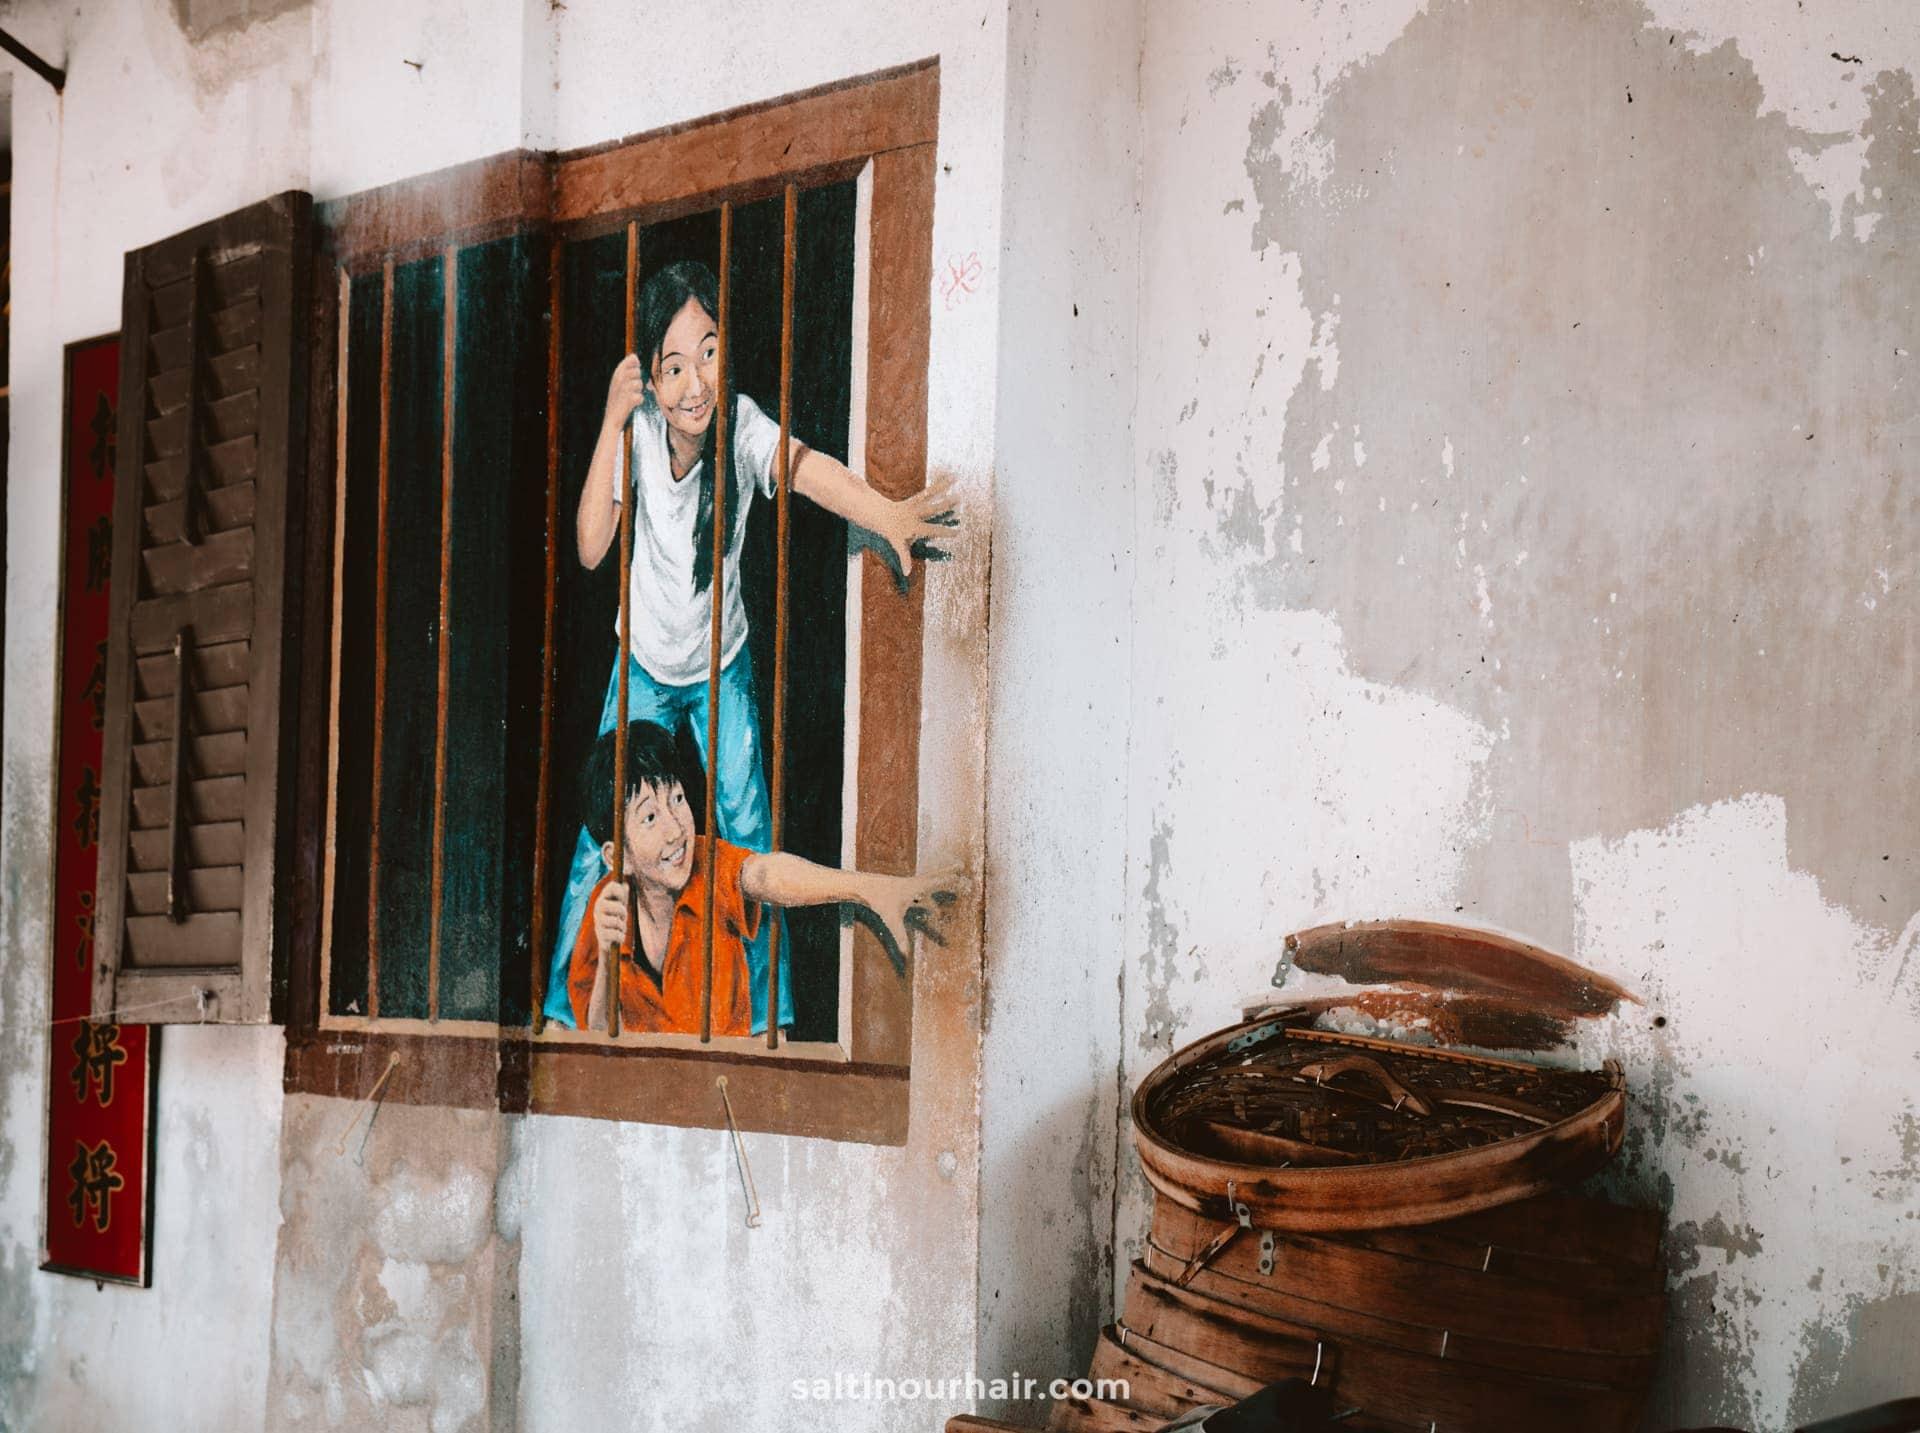 penang malaysia street art